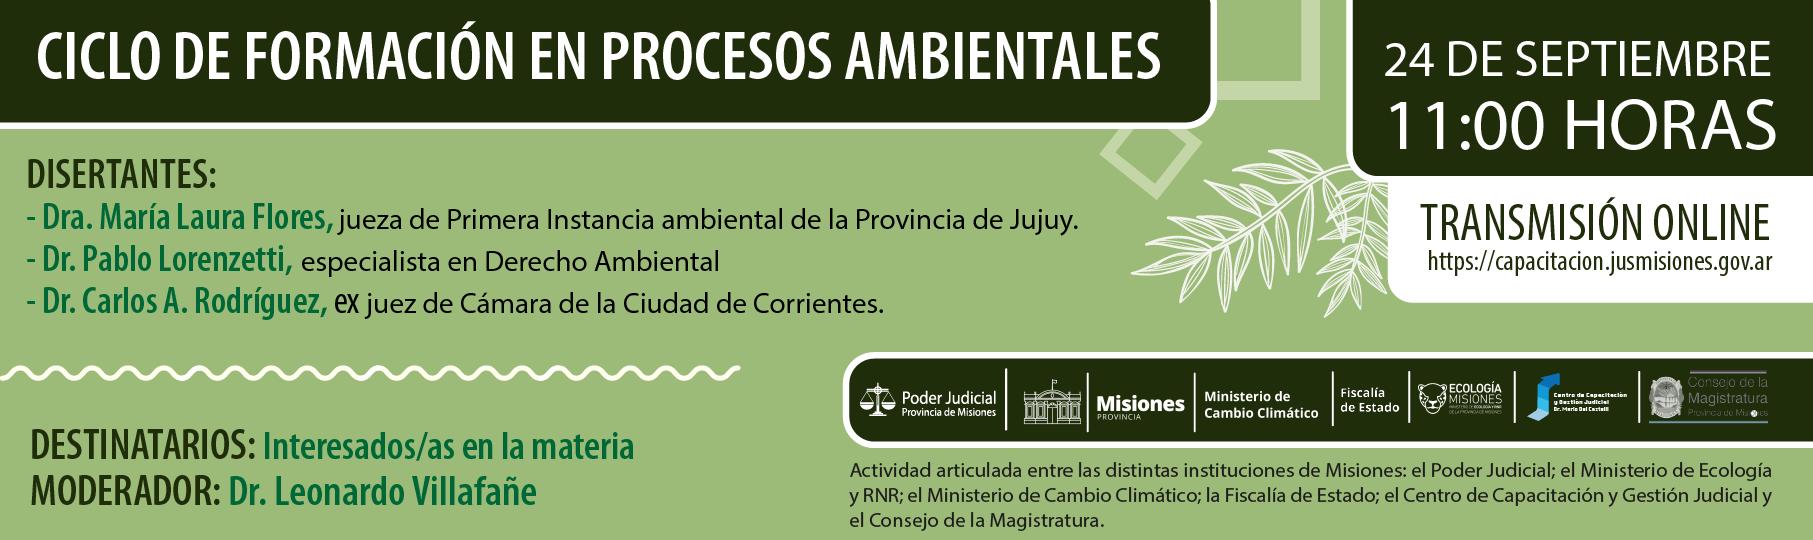 Ciclo de Formación en Procesos Ambientales